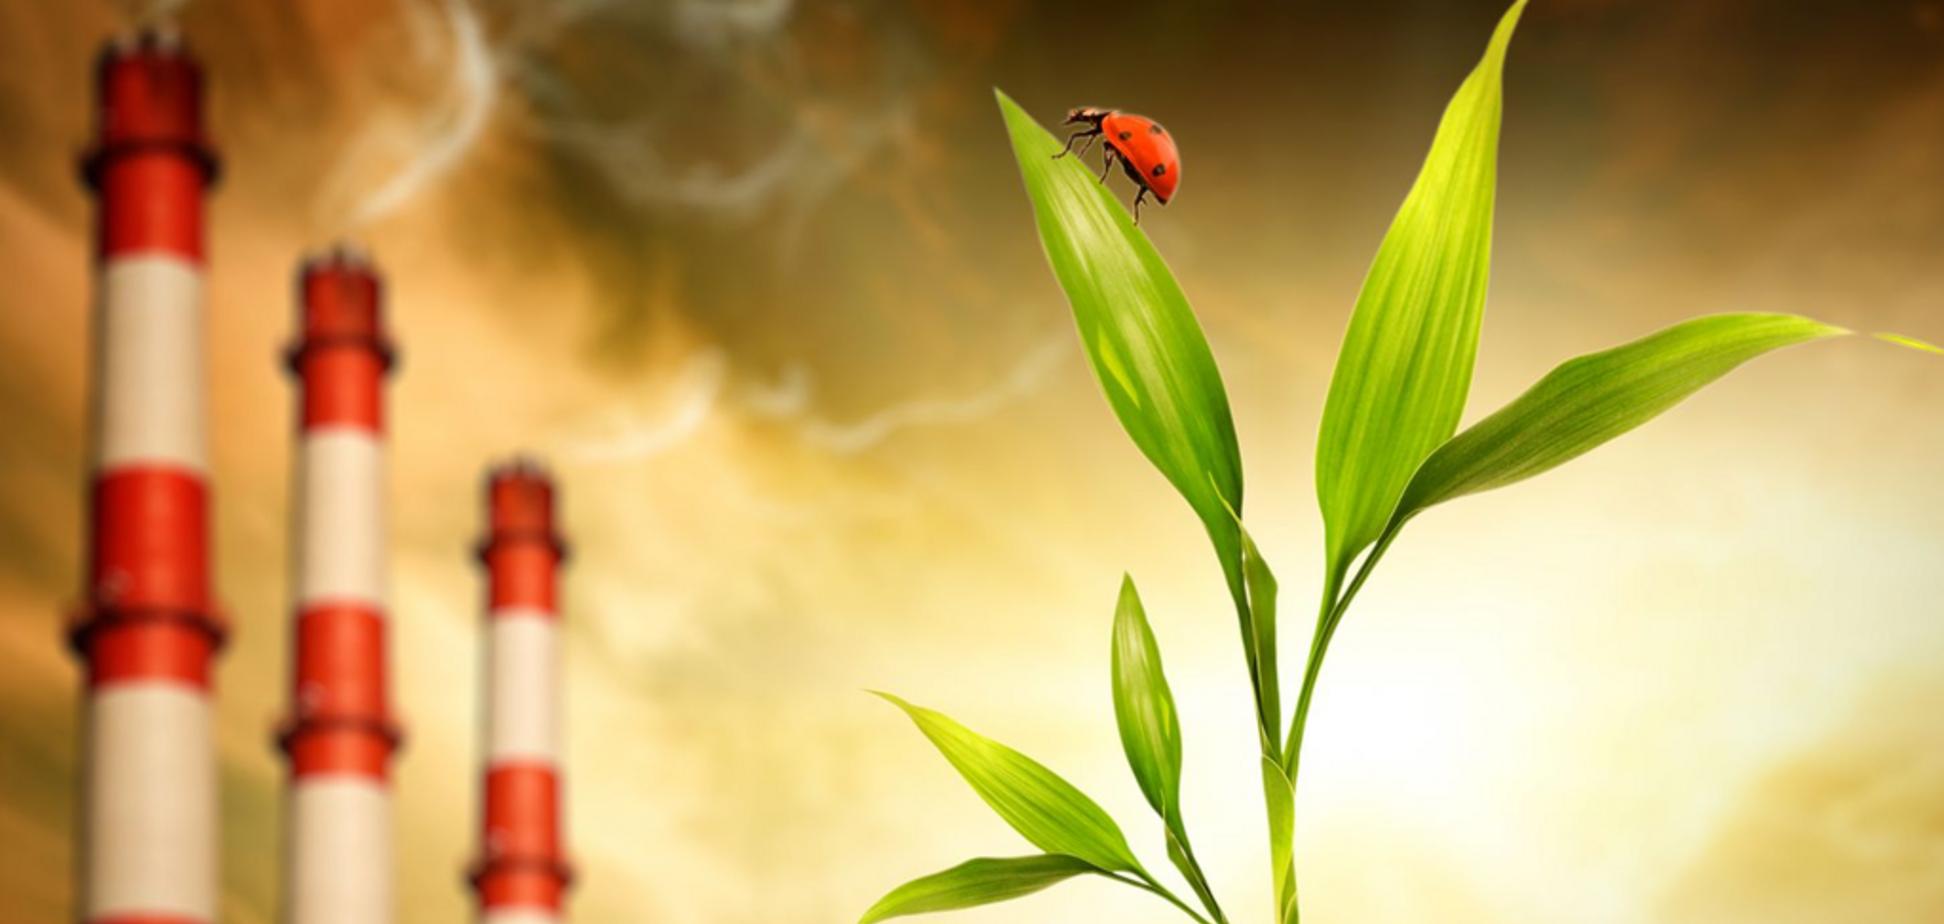 Экоинспекция парализована: экологи сделали заявление